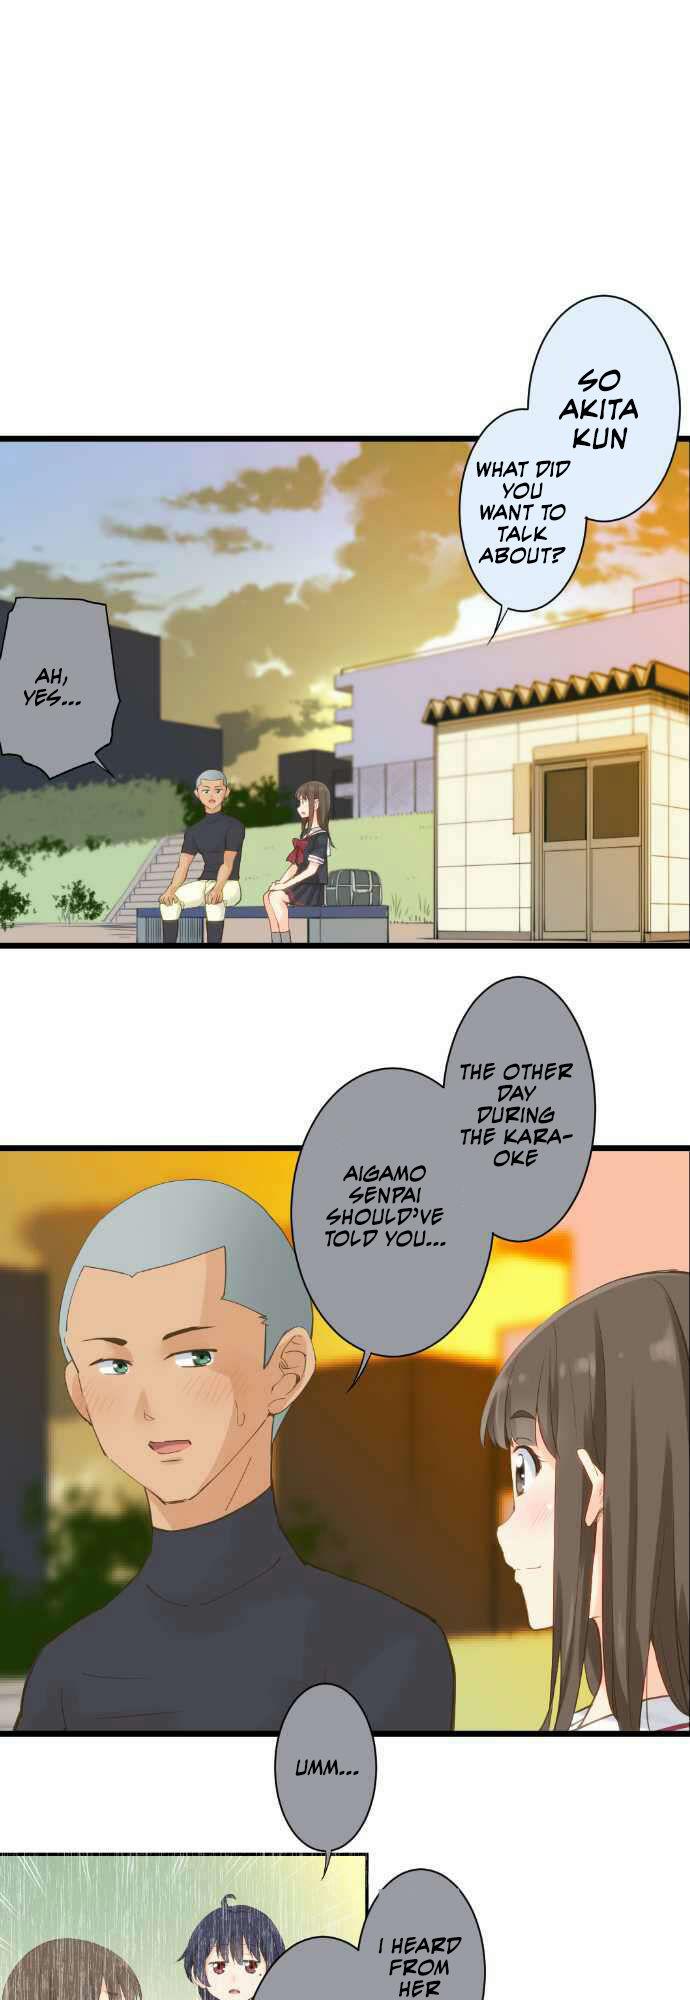 Amanogawa Ke No Yon Shimai - TAA(RY - 2